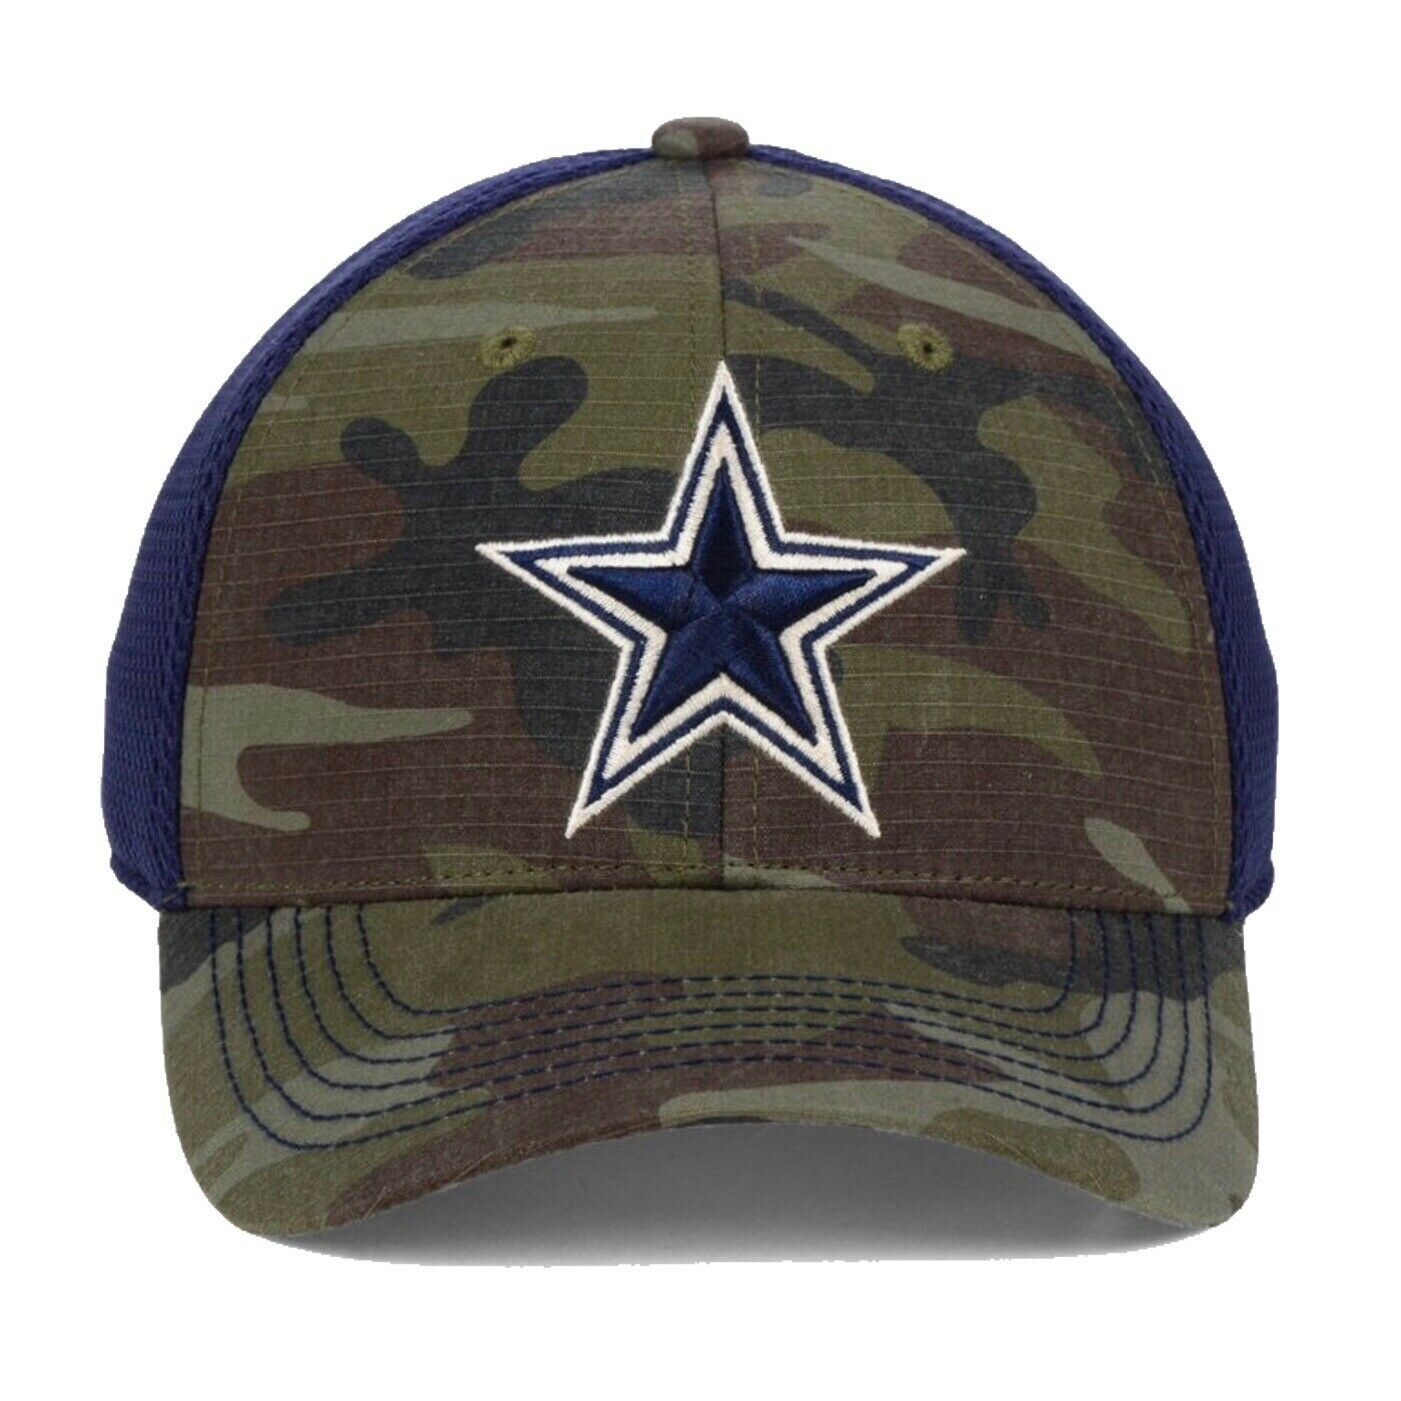 Dallas Cowboys NFL DCM Grunt Camouflage L/XL Flexfit Fitted Cap Hat $30